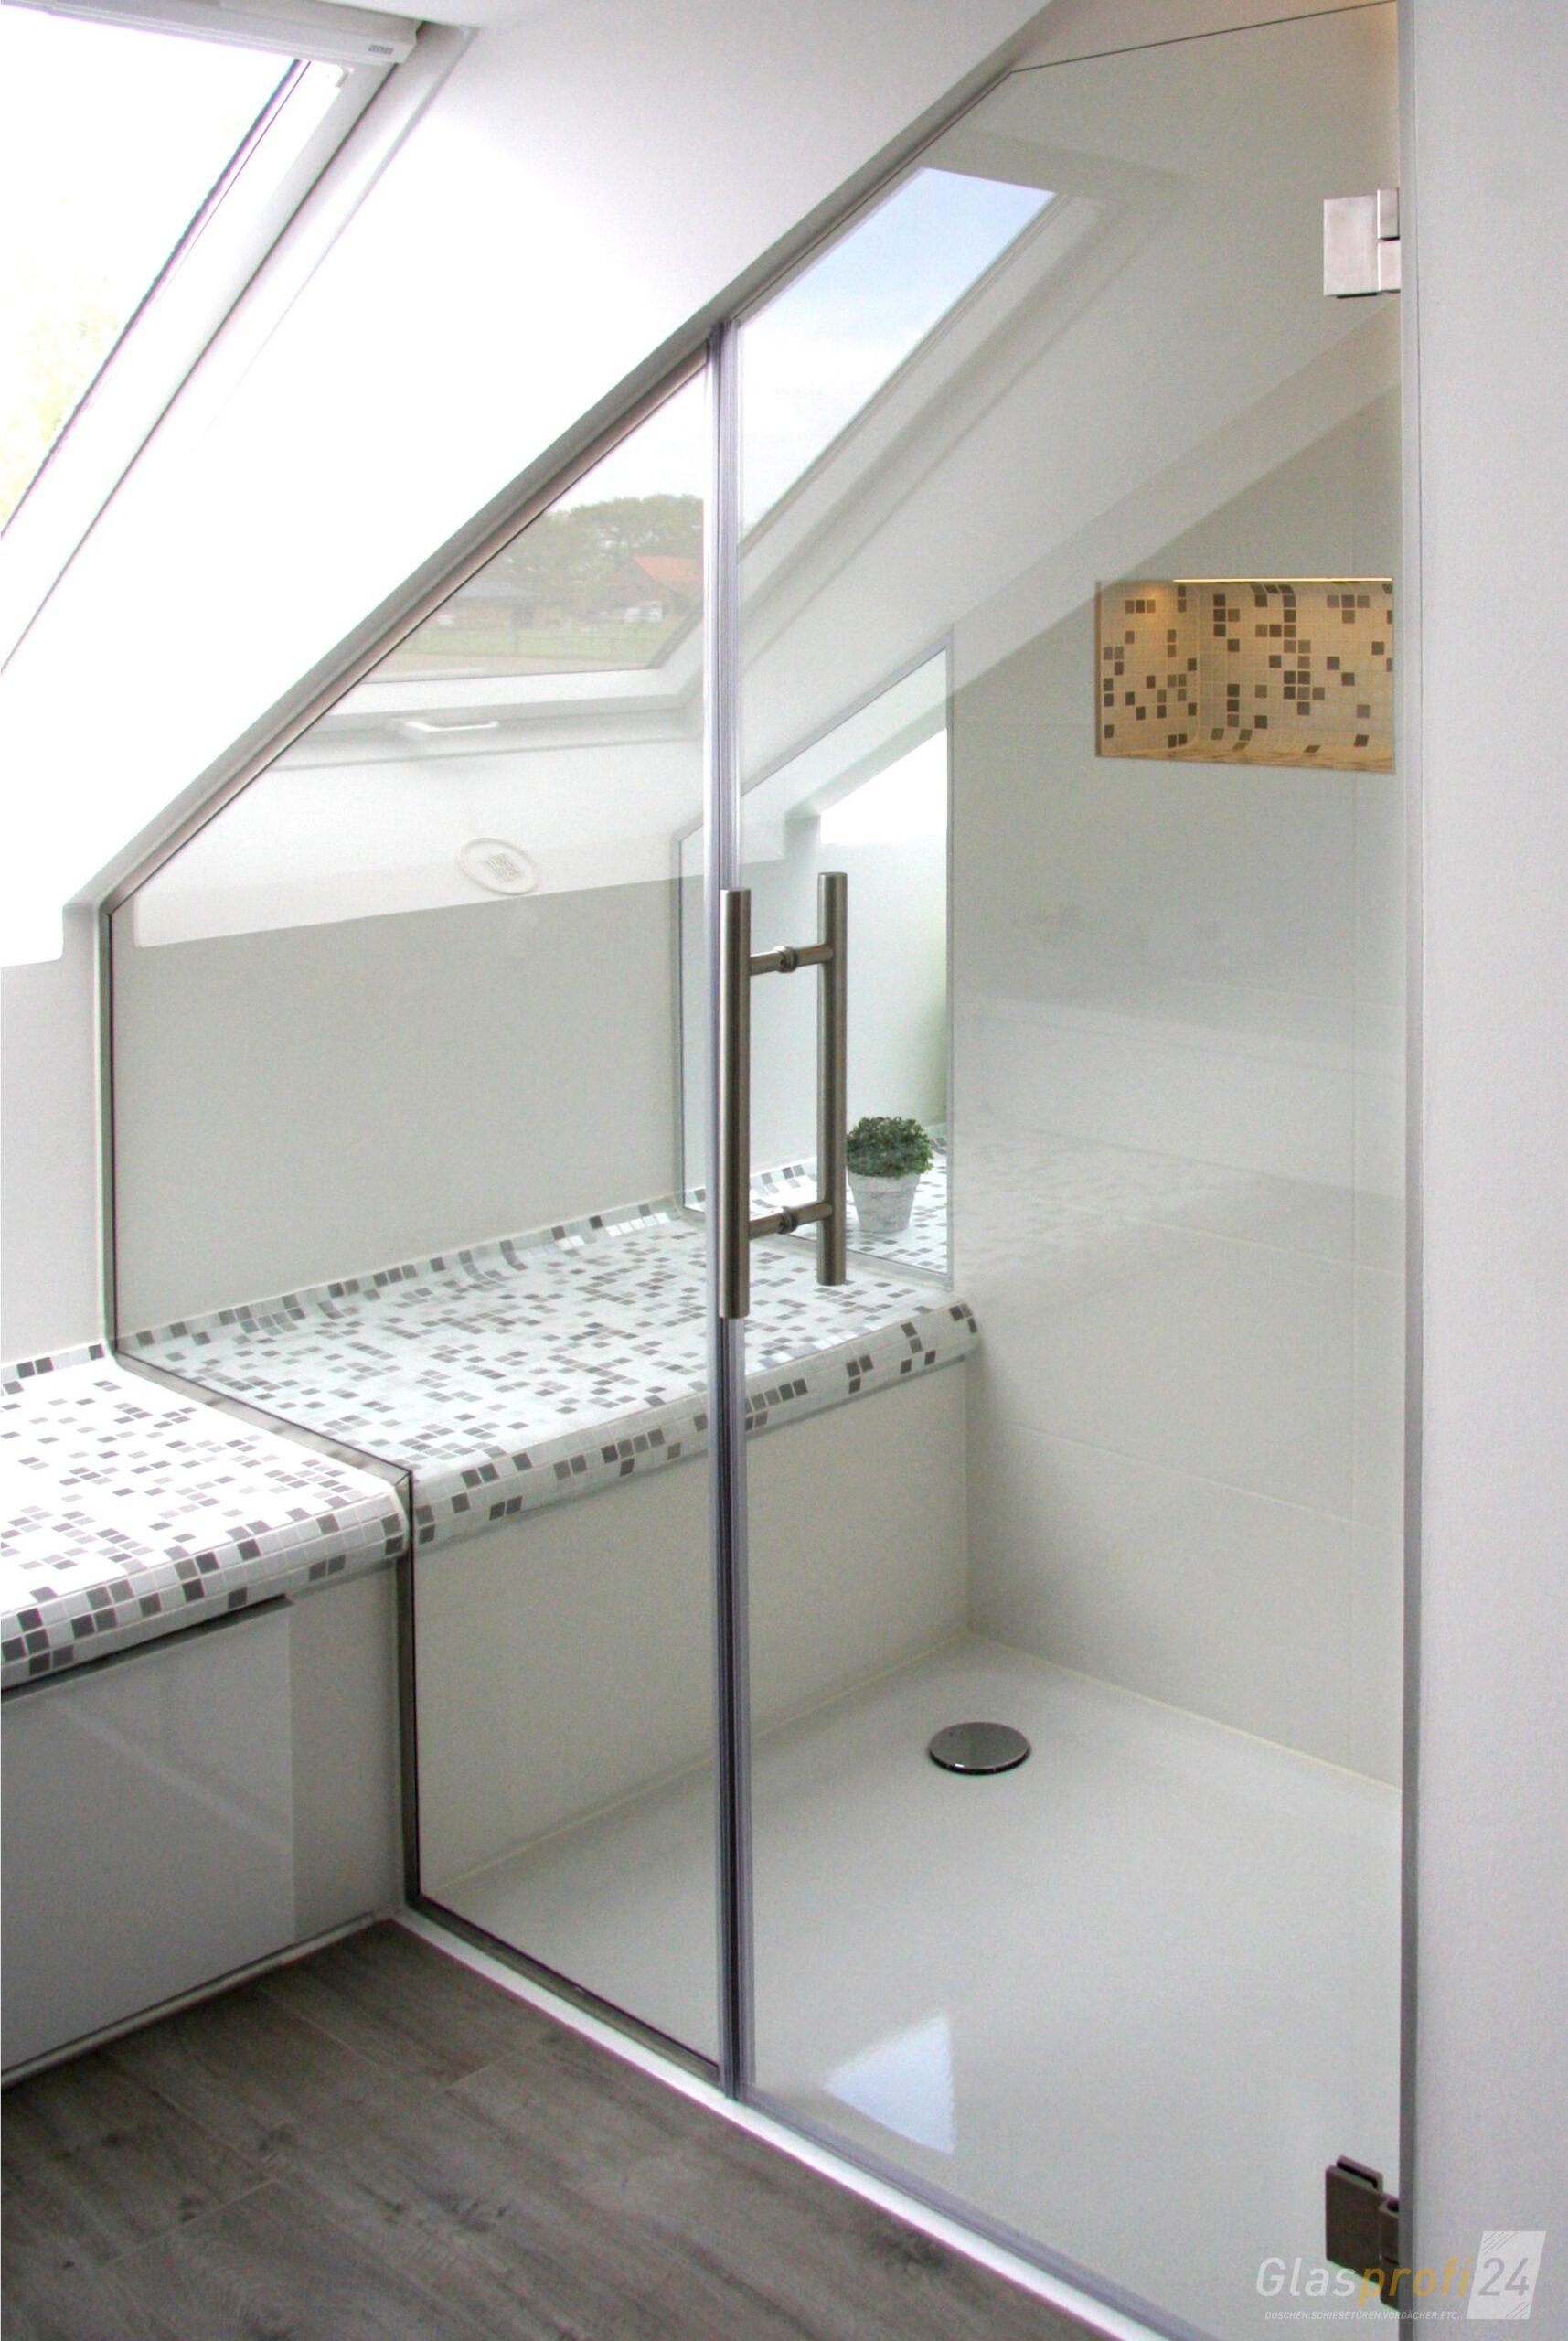 Full Size of Glaswand Dusche Nischendusche Aus Glas Duschtr In Nische Glasprofi24 Bluetooth Lautsprecher Haltegriff Unterputz Armatur Sprinz Duschen Küche Grohe Thermostat Dusche Glaswand Dusche